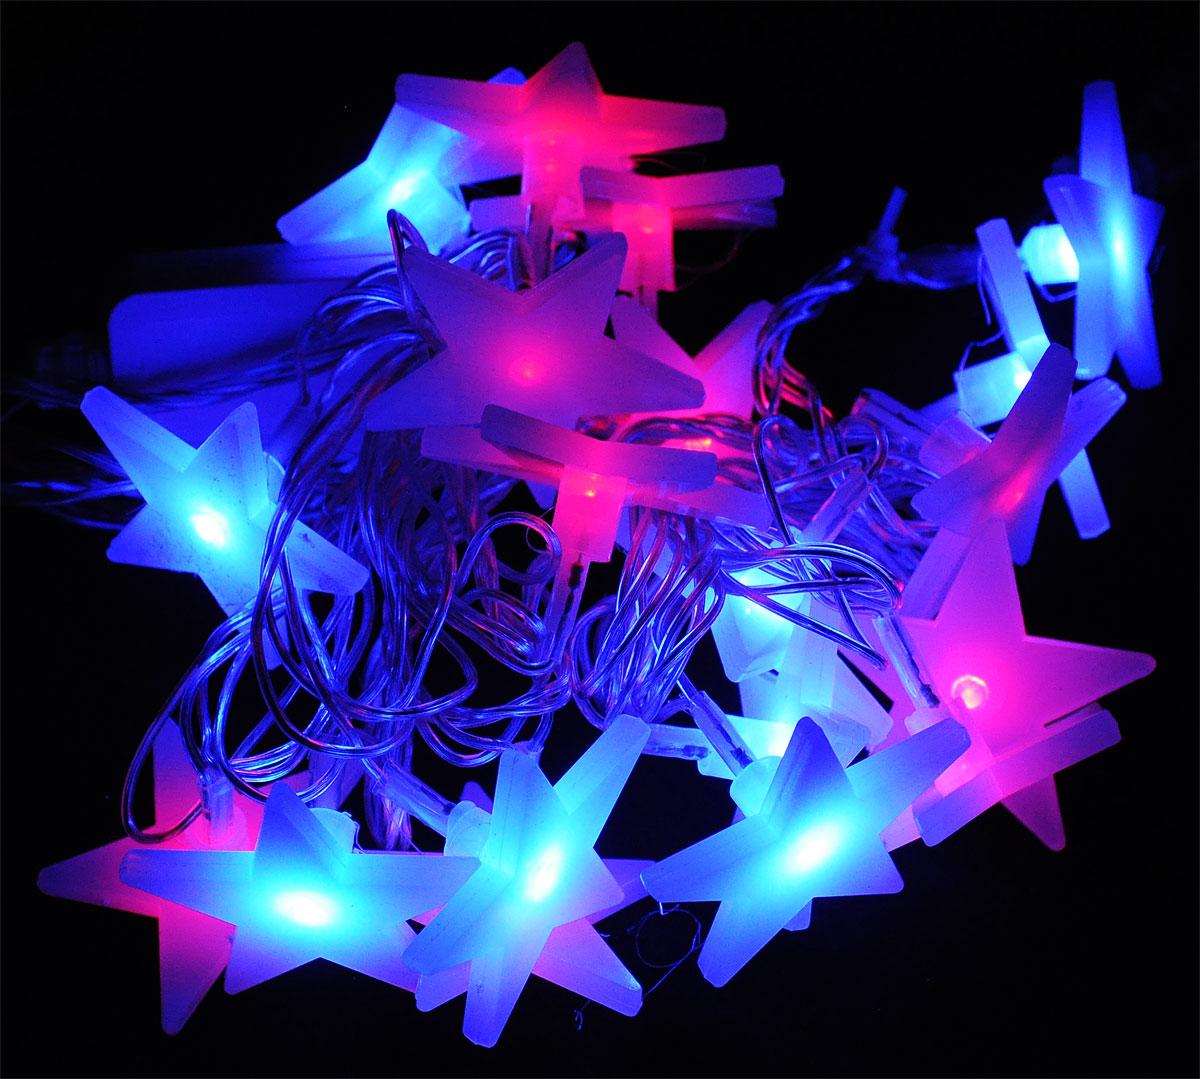 Электрогирлянда B&H Звезды, 20 двухцветных светодиодов, цвет: красный, синий, 2 мBH0409Электрогирлянда B&H Звезды предназначена для декоративного внутреннего освещения. Изделие представляет собой гибкий провод, на котором расположены двухцветные светодиоды с насадками в форме звездочек. Гирлянда яркая и долговечная, имеет маленькое энергопотребление (в 10 раз меньше, чем у гирлянд с микролампами и минилампами). Двухцветные светодиоды поочередно меняют цвет свечения с красного на синий, а матовая насадка делает переход цвета более мягким, придавая свечению нежный пастельный оттенок. Все гирлянды серии System IN последовательно подключаются между собой с помощью специальных коннекторов. Цепочка гирлянд может быть удлинена до 2000 светодиодов (можно соединить несколько разных гирлянд), что позволит, используя всего одну розетку, украсить целое помещение. Создайте в своем доме атмосферу веселья и радости, украшая новогоднюю елку яркими светодиодными гирляндами. Расстояние между светодиодами: 10 см. Размер лампы: 4,5 х 4,5 см.